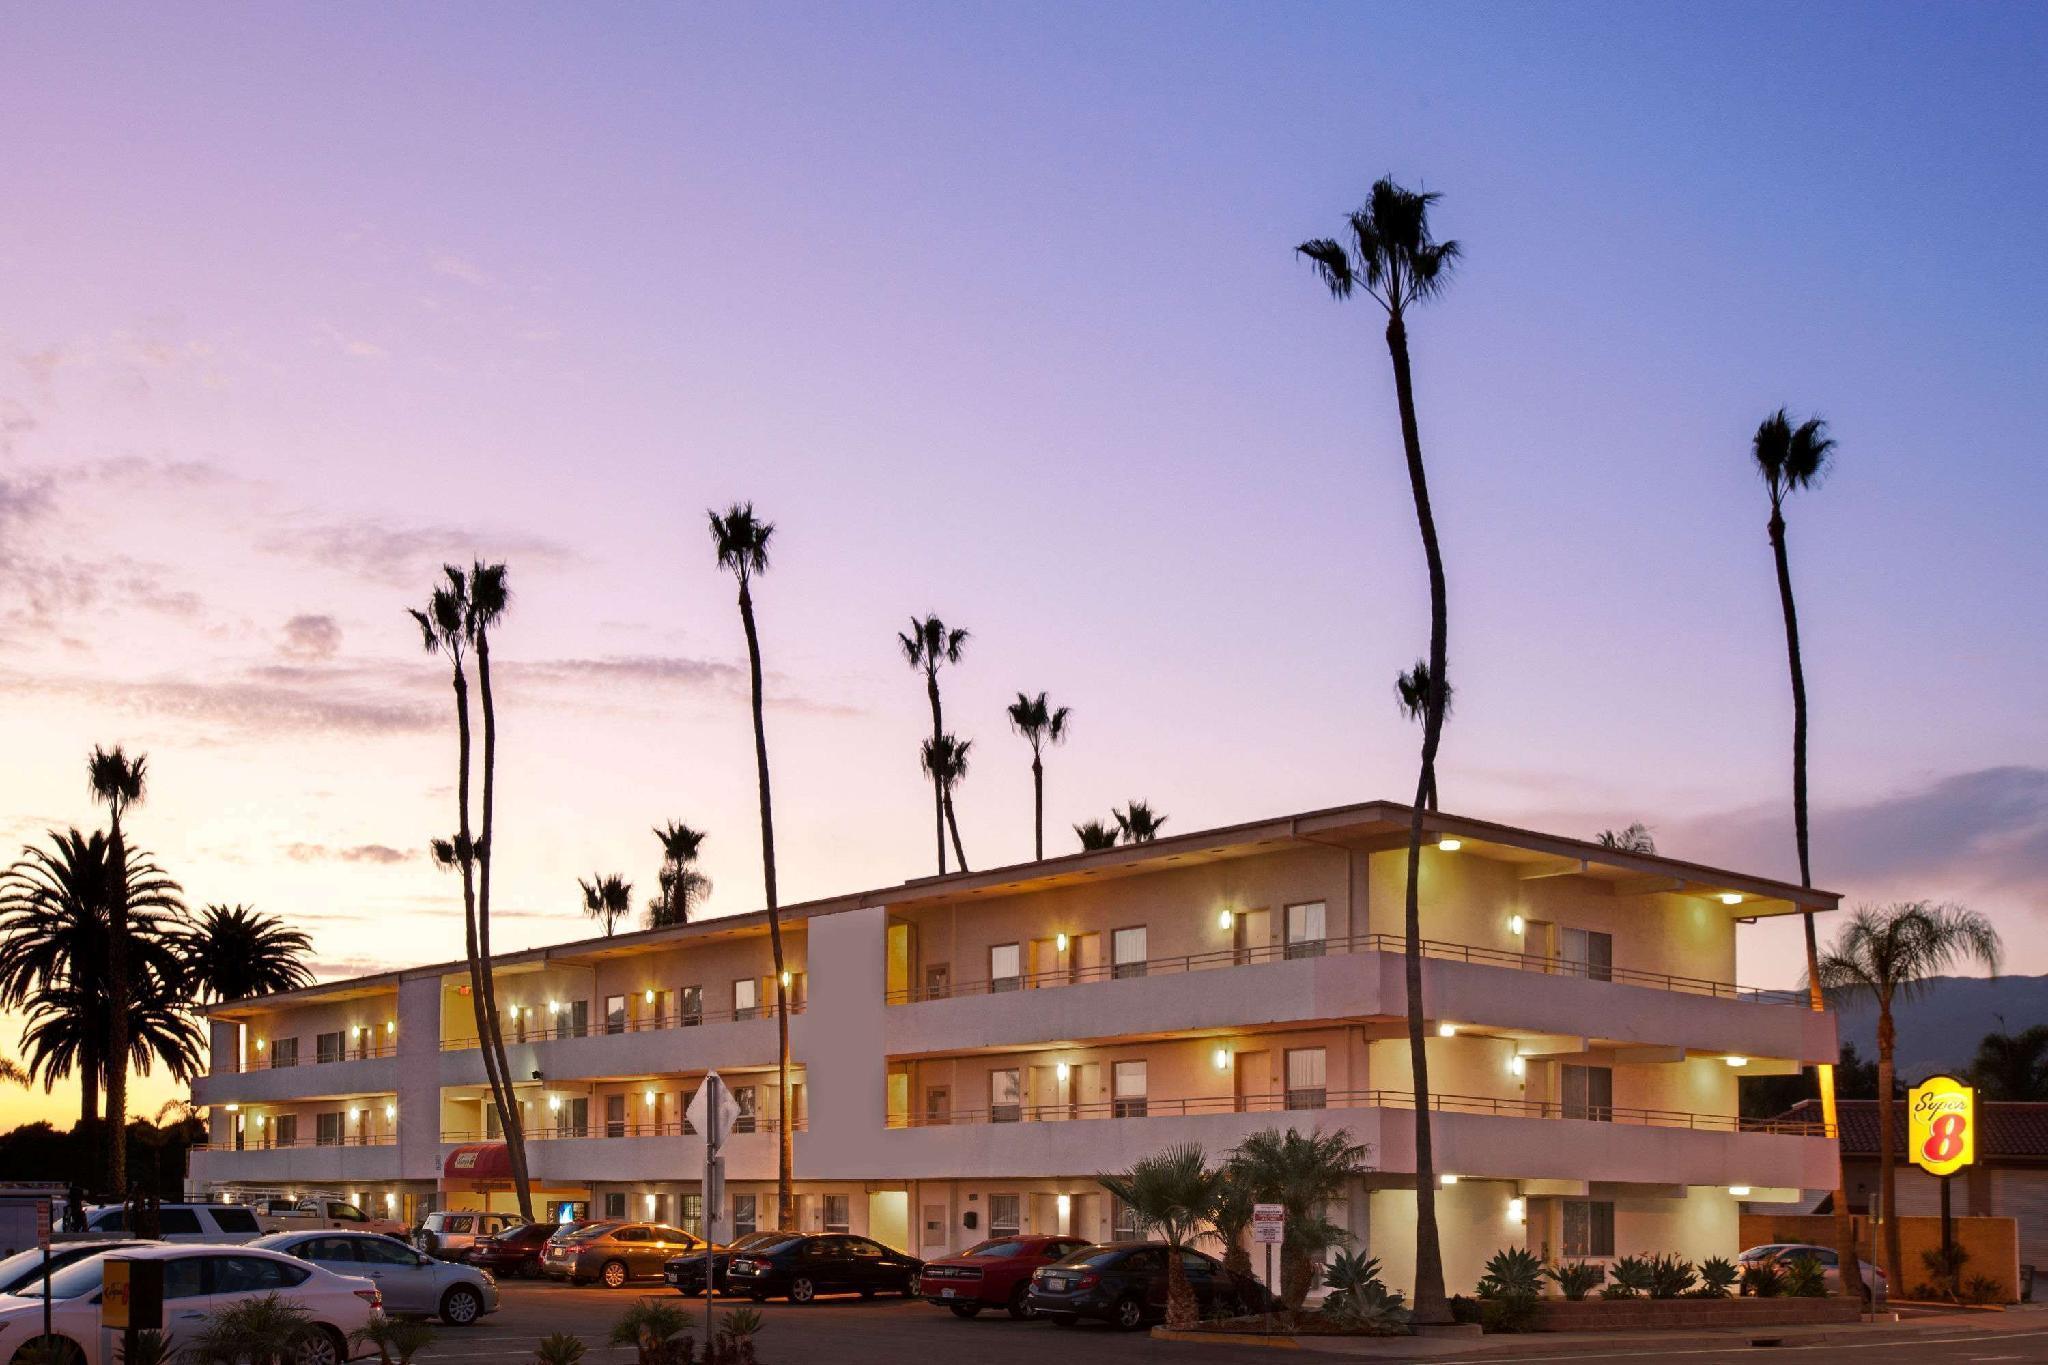 Super 8 By Wyndham Santa Barbara Goleta